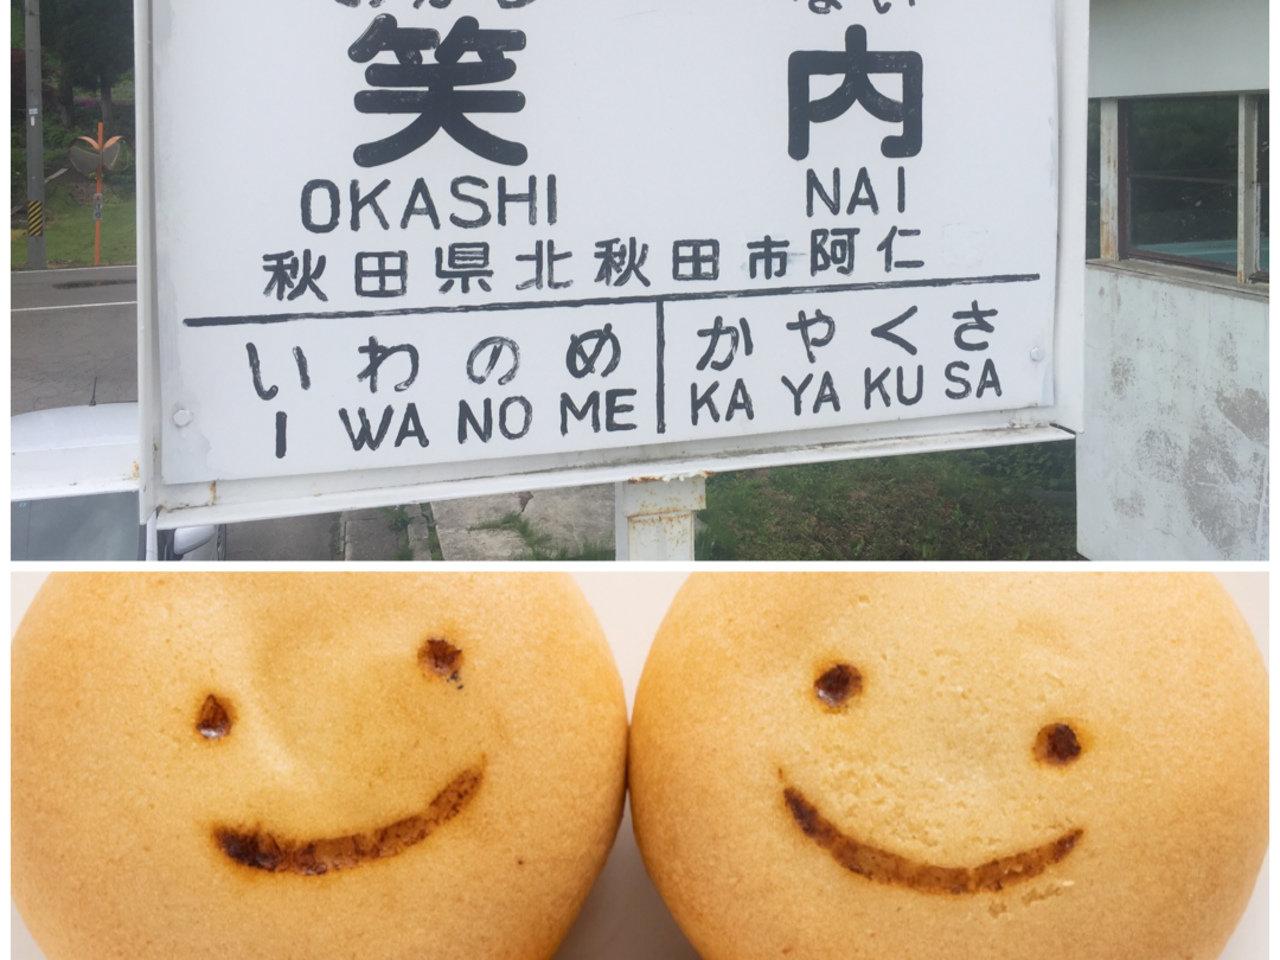 読めたらすごい地名!「笑内」笑顔になれる秋田の地名何て読む?